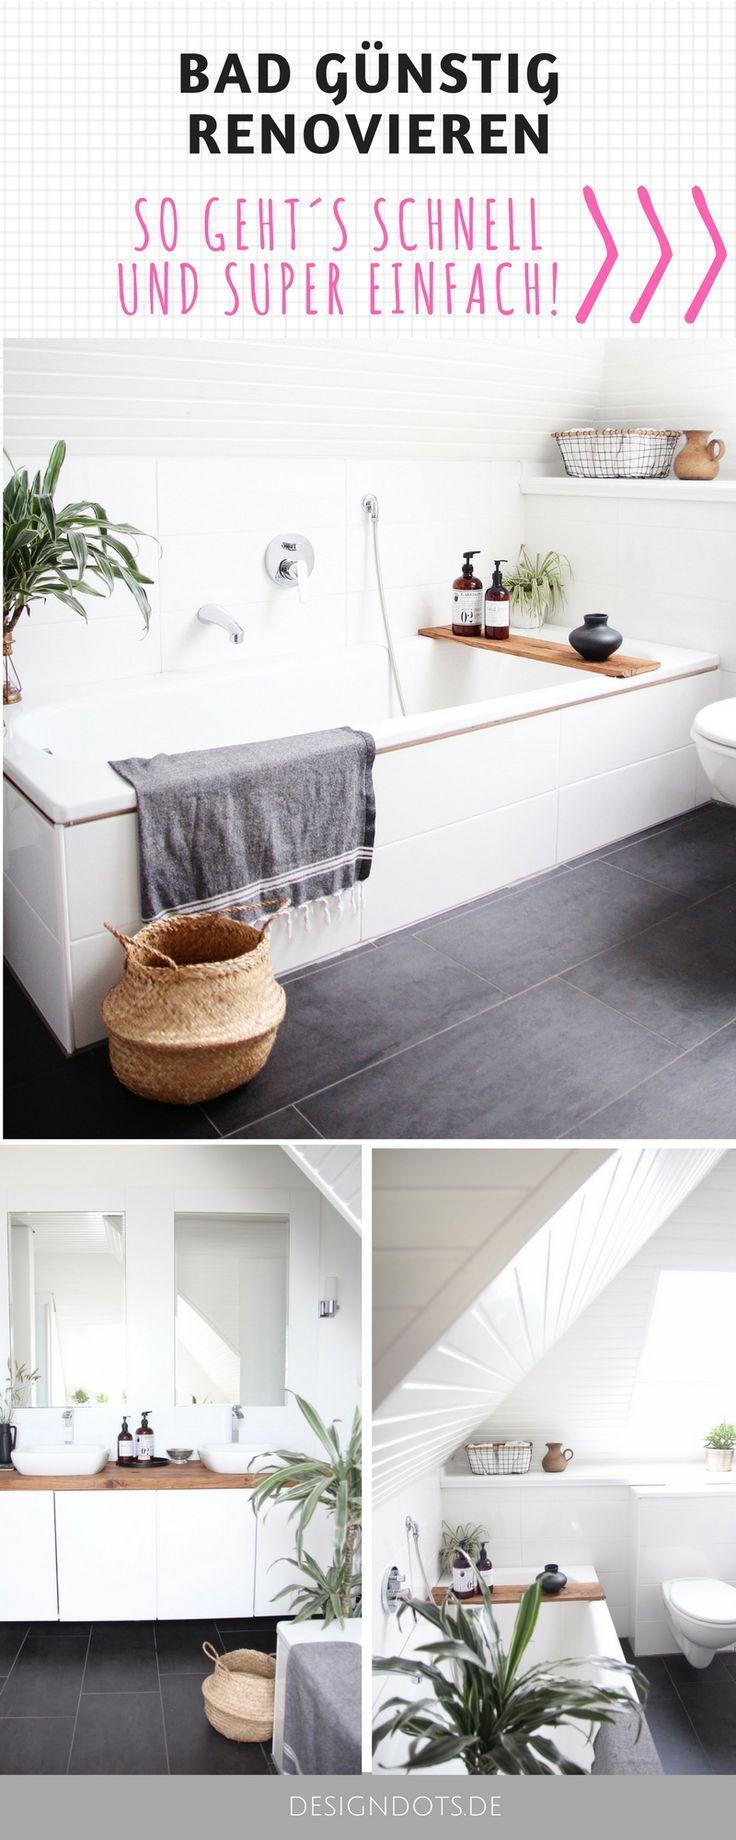 Badezimmer Selbst Renovieren Badezimmer Renovieren Bad